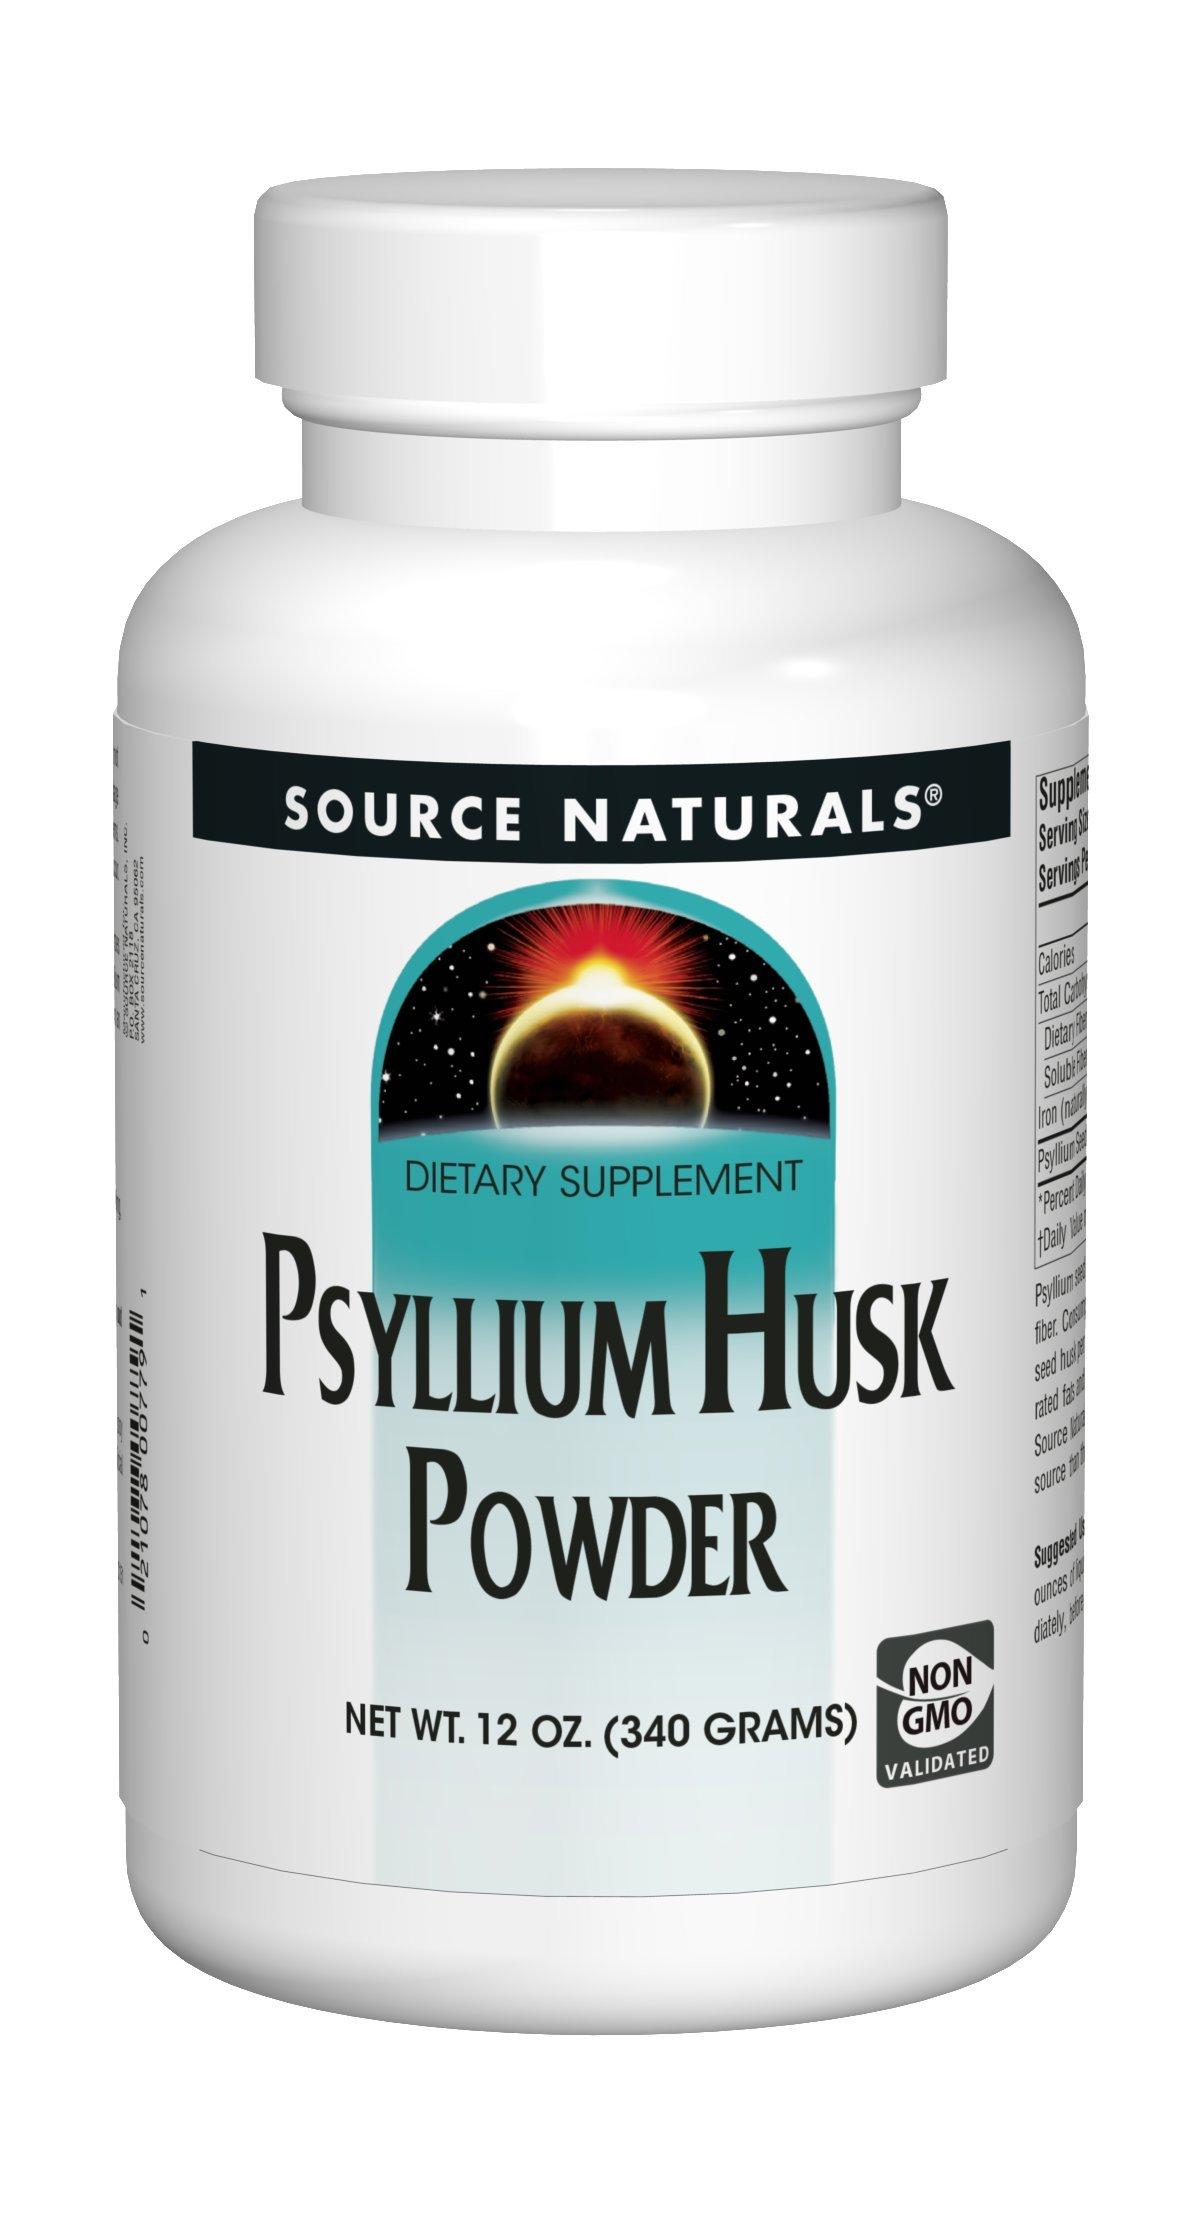 Psyllium Husk Powder, 12 oz by Source Naturals